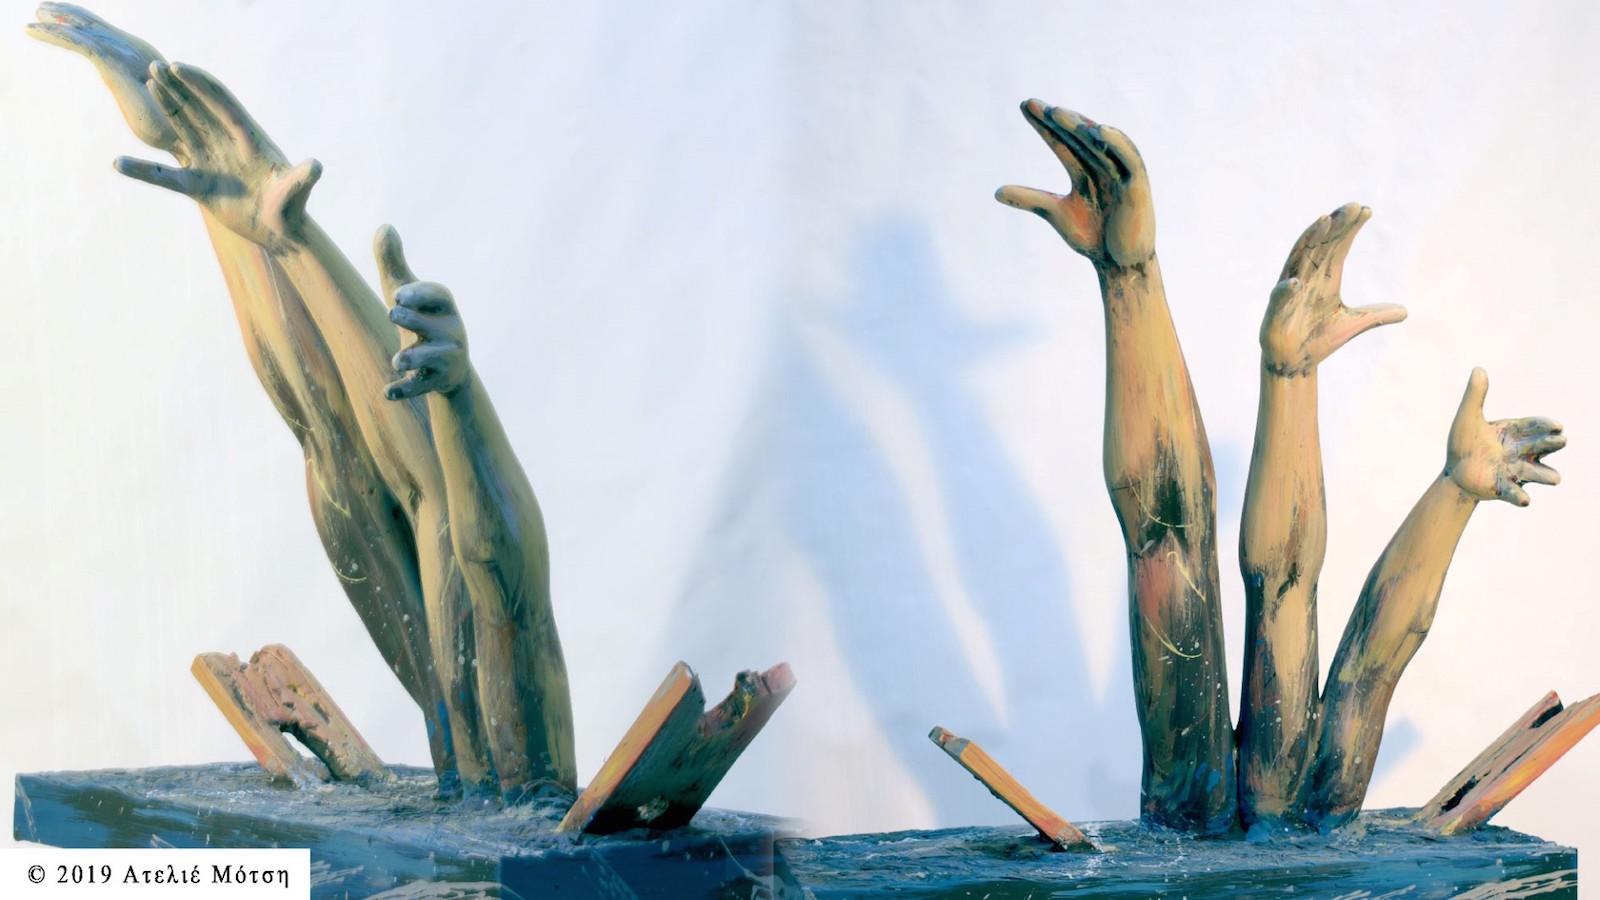 Μότσης Γιάννης «Δελτίο Τέχνης στη Νοηματική Γλώσσα» ΙΔΡΥΜΑ ΕΙΚΑΣΤΙΚΩΝ ΤΕΧΝΩΝ ΤΣΙΧΡΙΤΖΗ